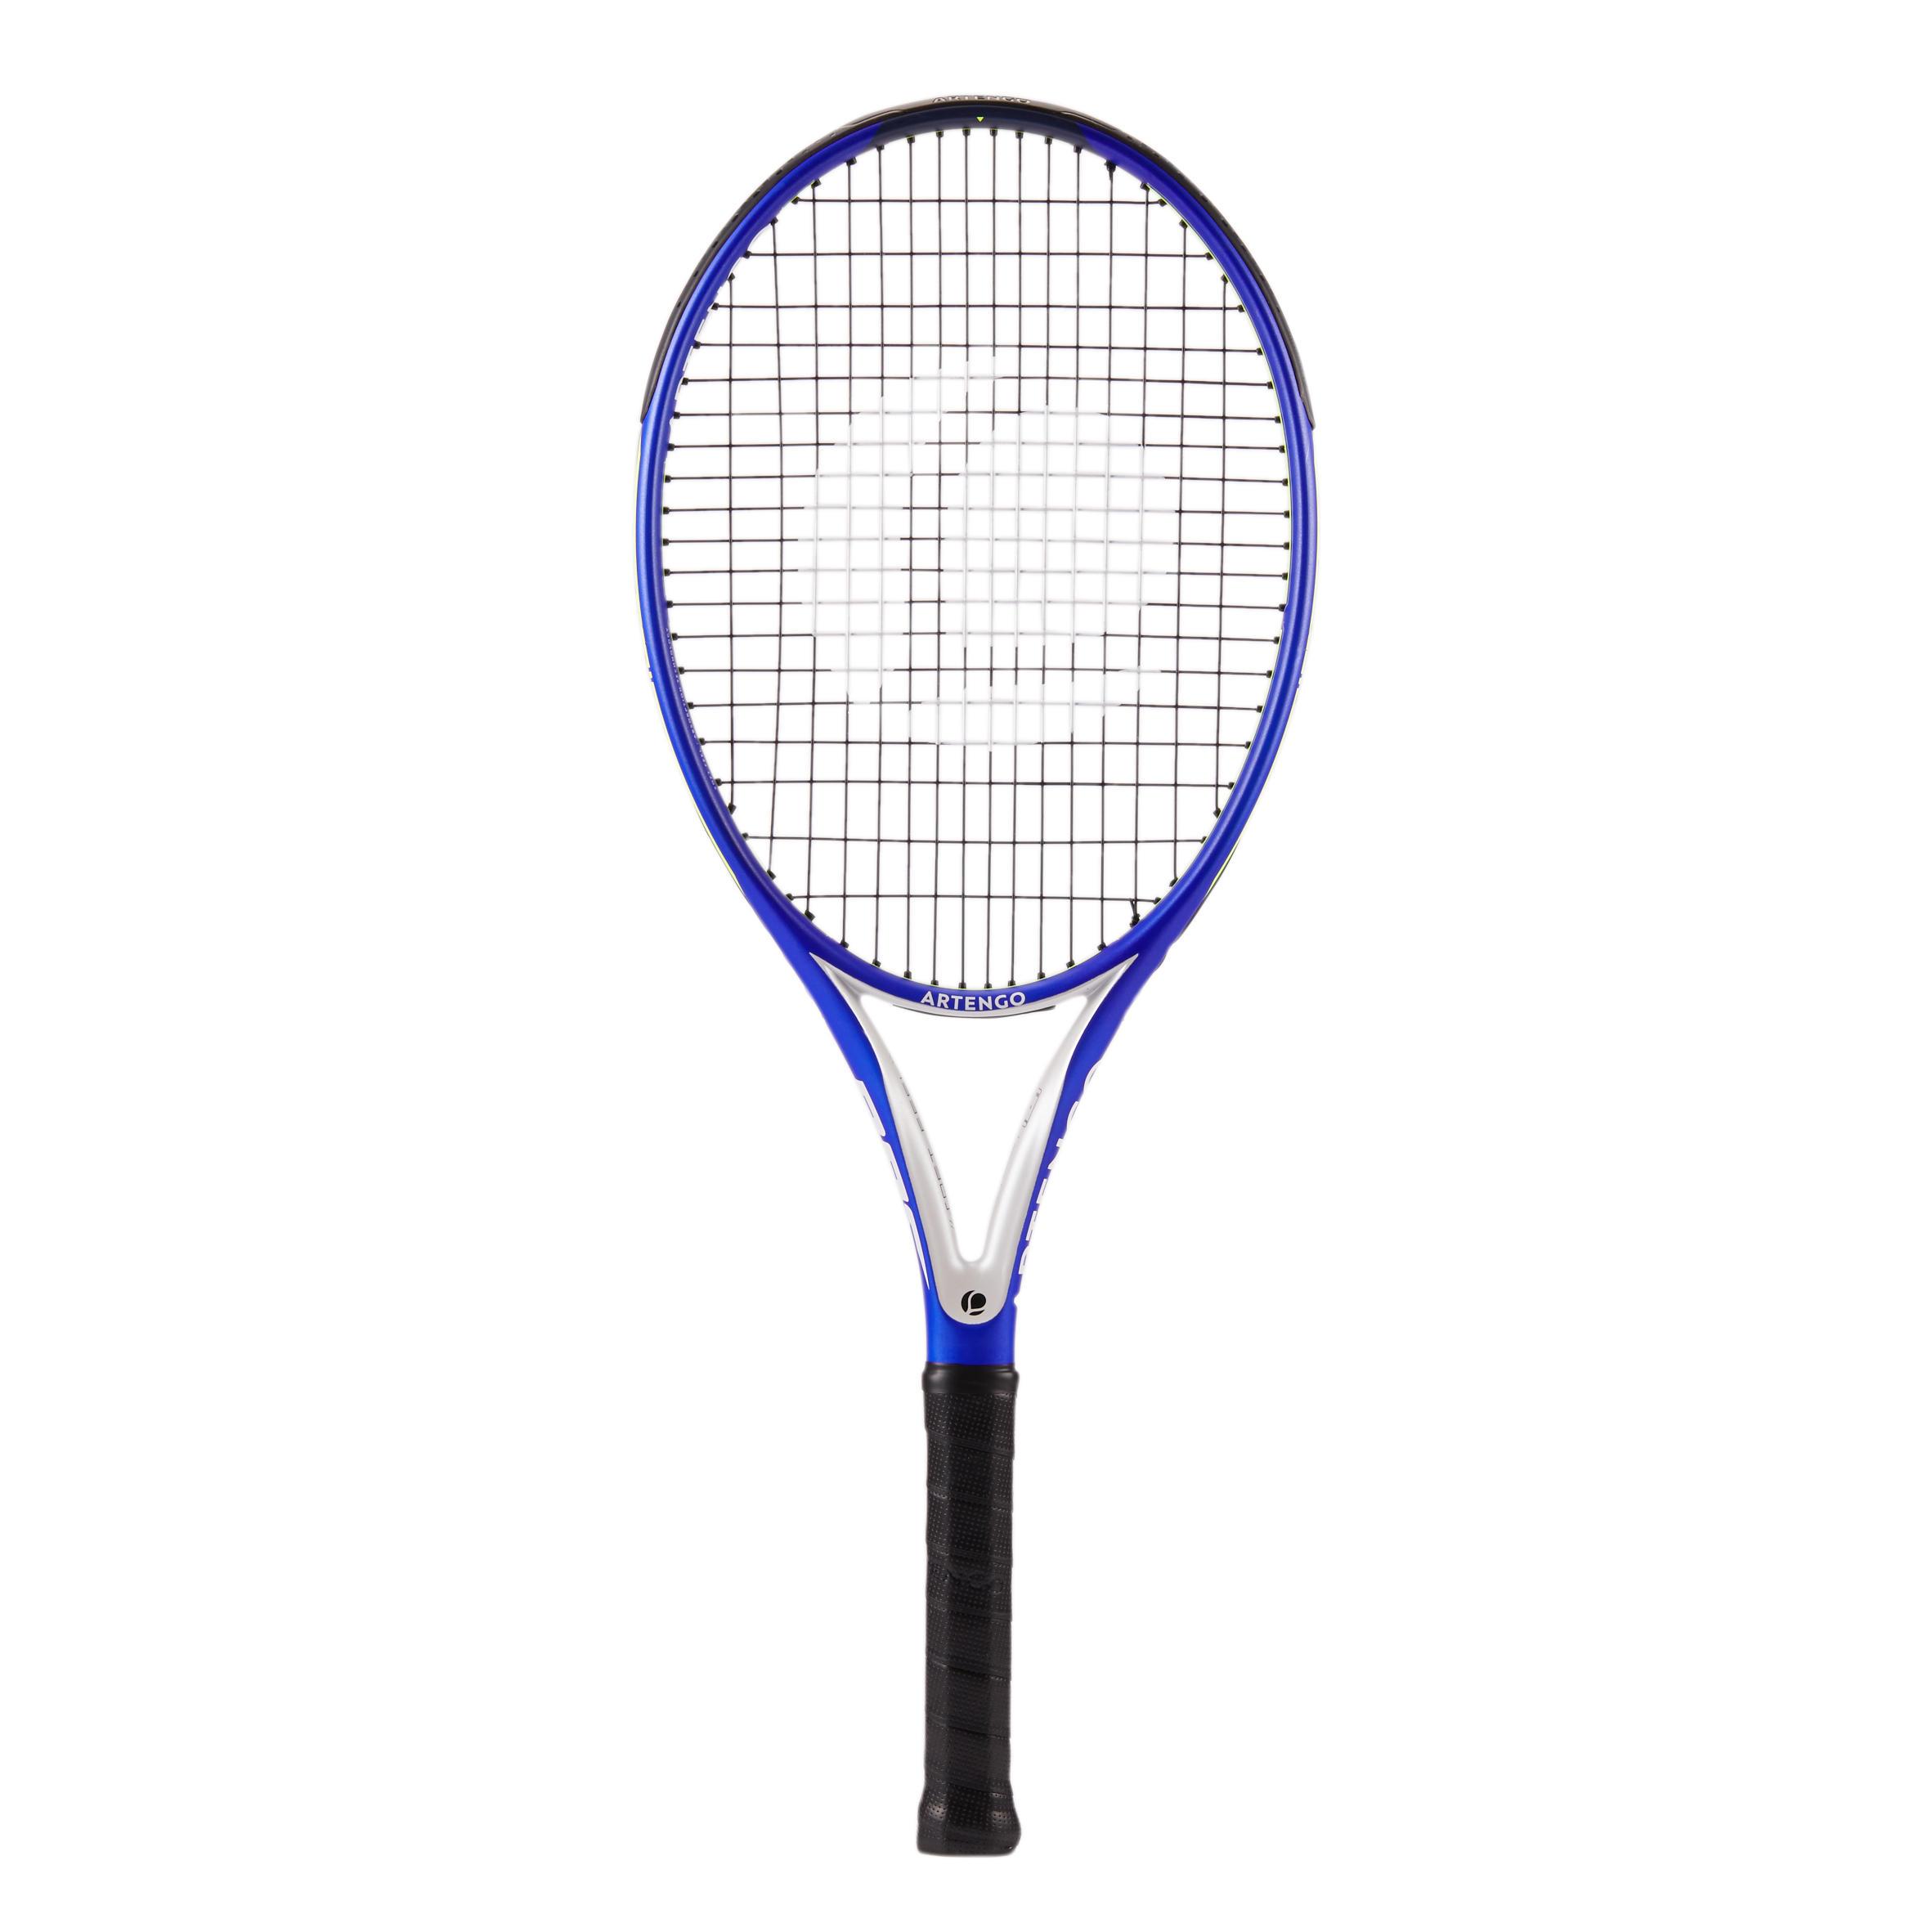 Artengo Tennisracket voor volwassenen TR560 blauw/wit kopen